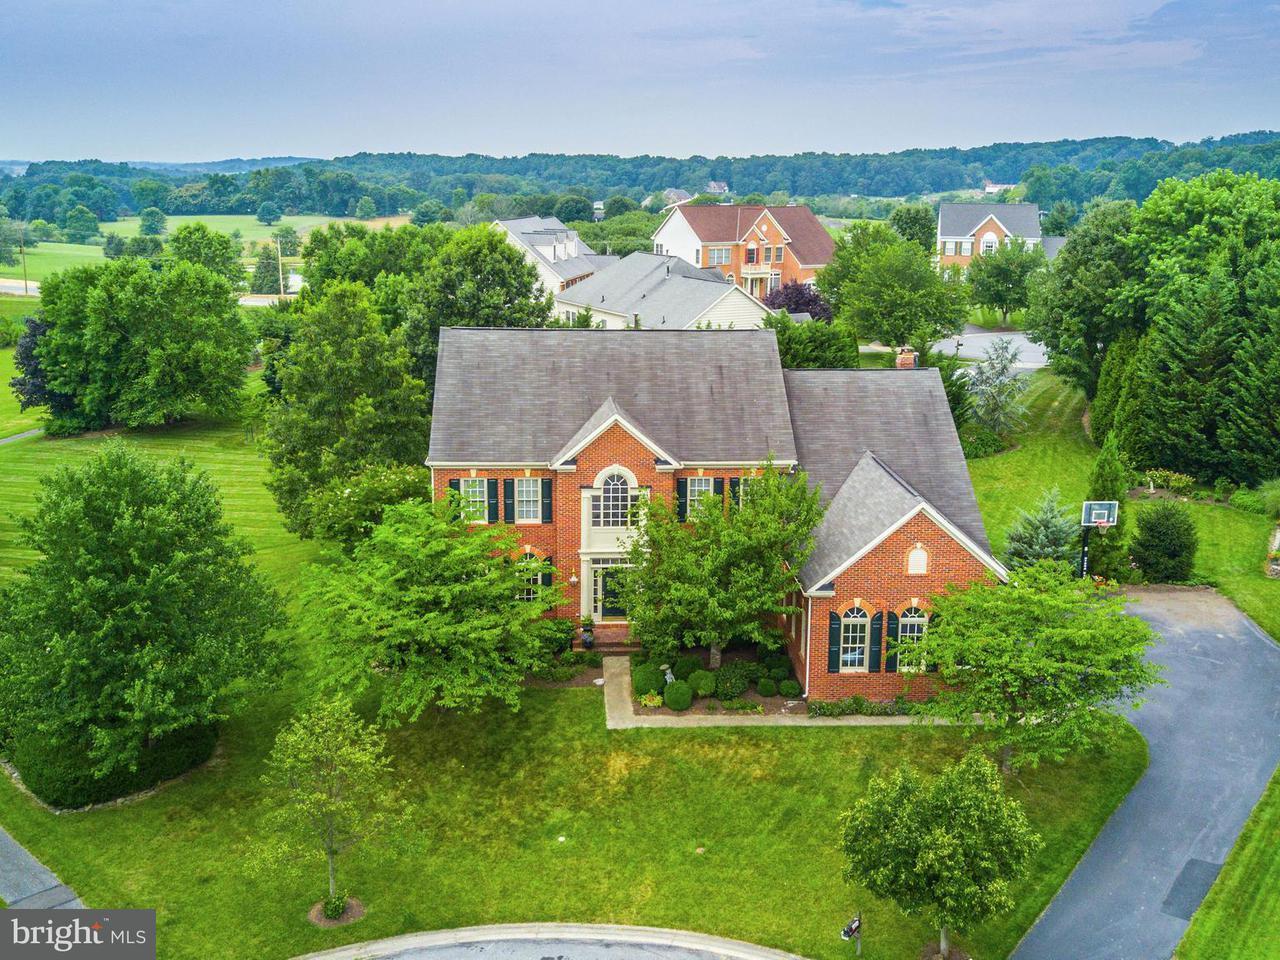 Частный односемейный дом для того Продажа на 6604 Mackenzie Place 6604 Mackenzie Place Ijamsville, Мэриленд 21754 Соединенные Штаты